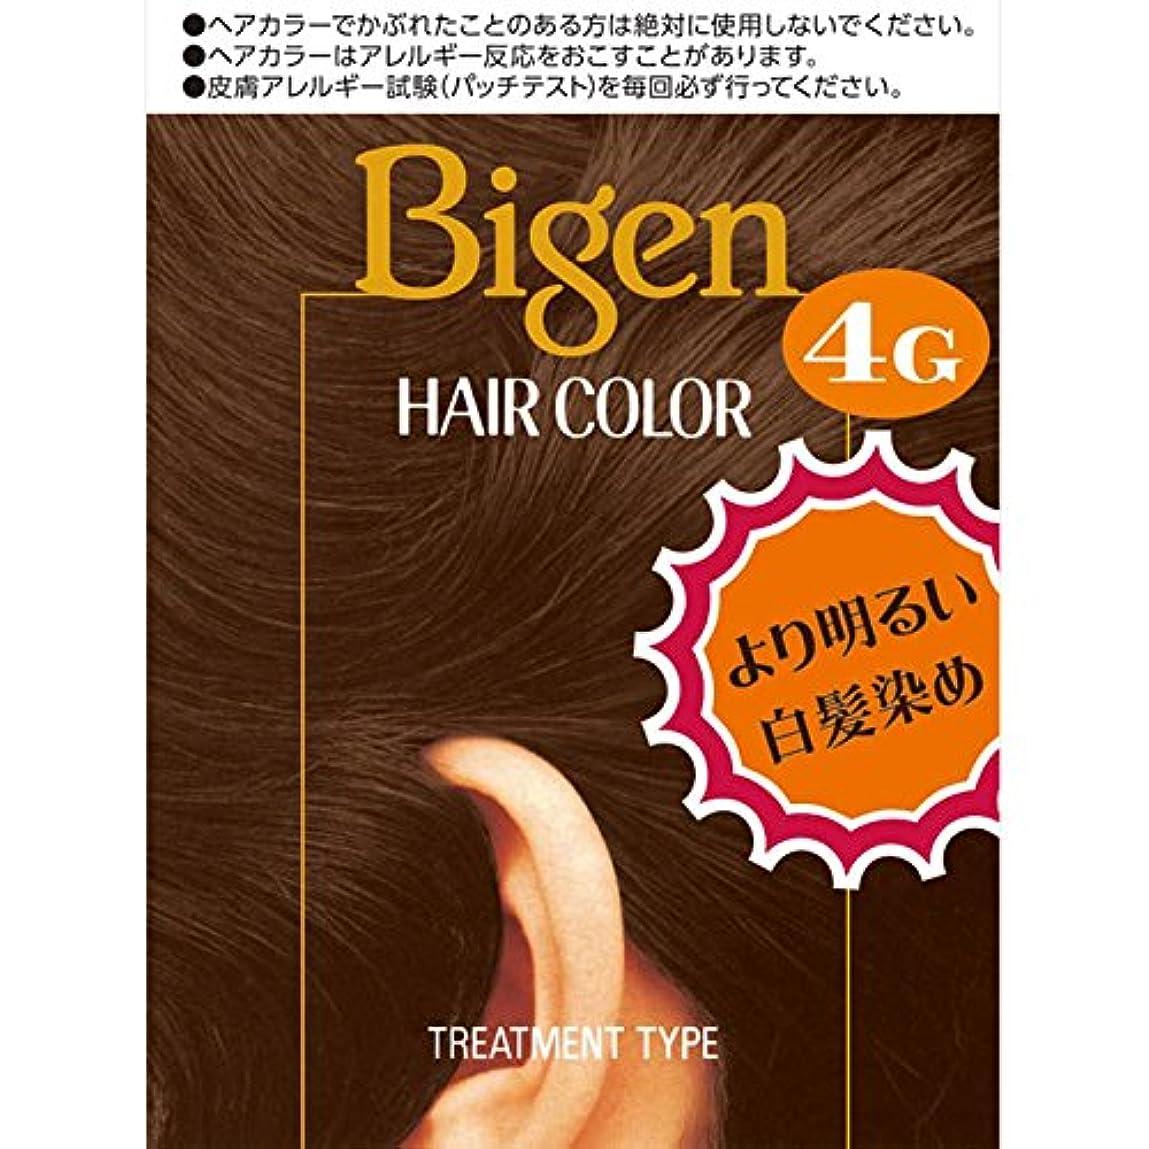 曇ったサーカス次ホーユー ビゲン ヘアカラー 4G 自然な栗色 40ml×2 (医薬部外品)